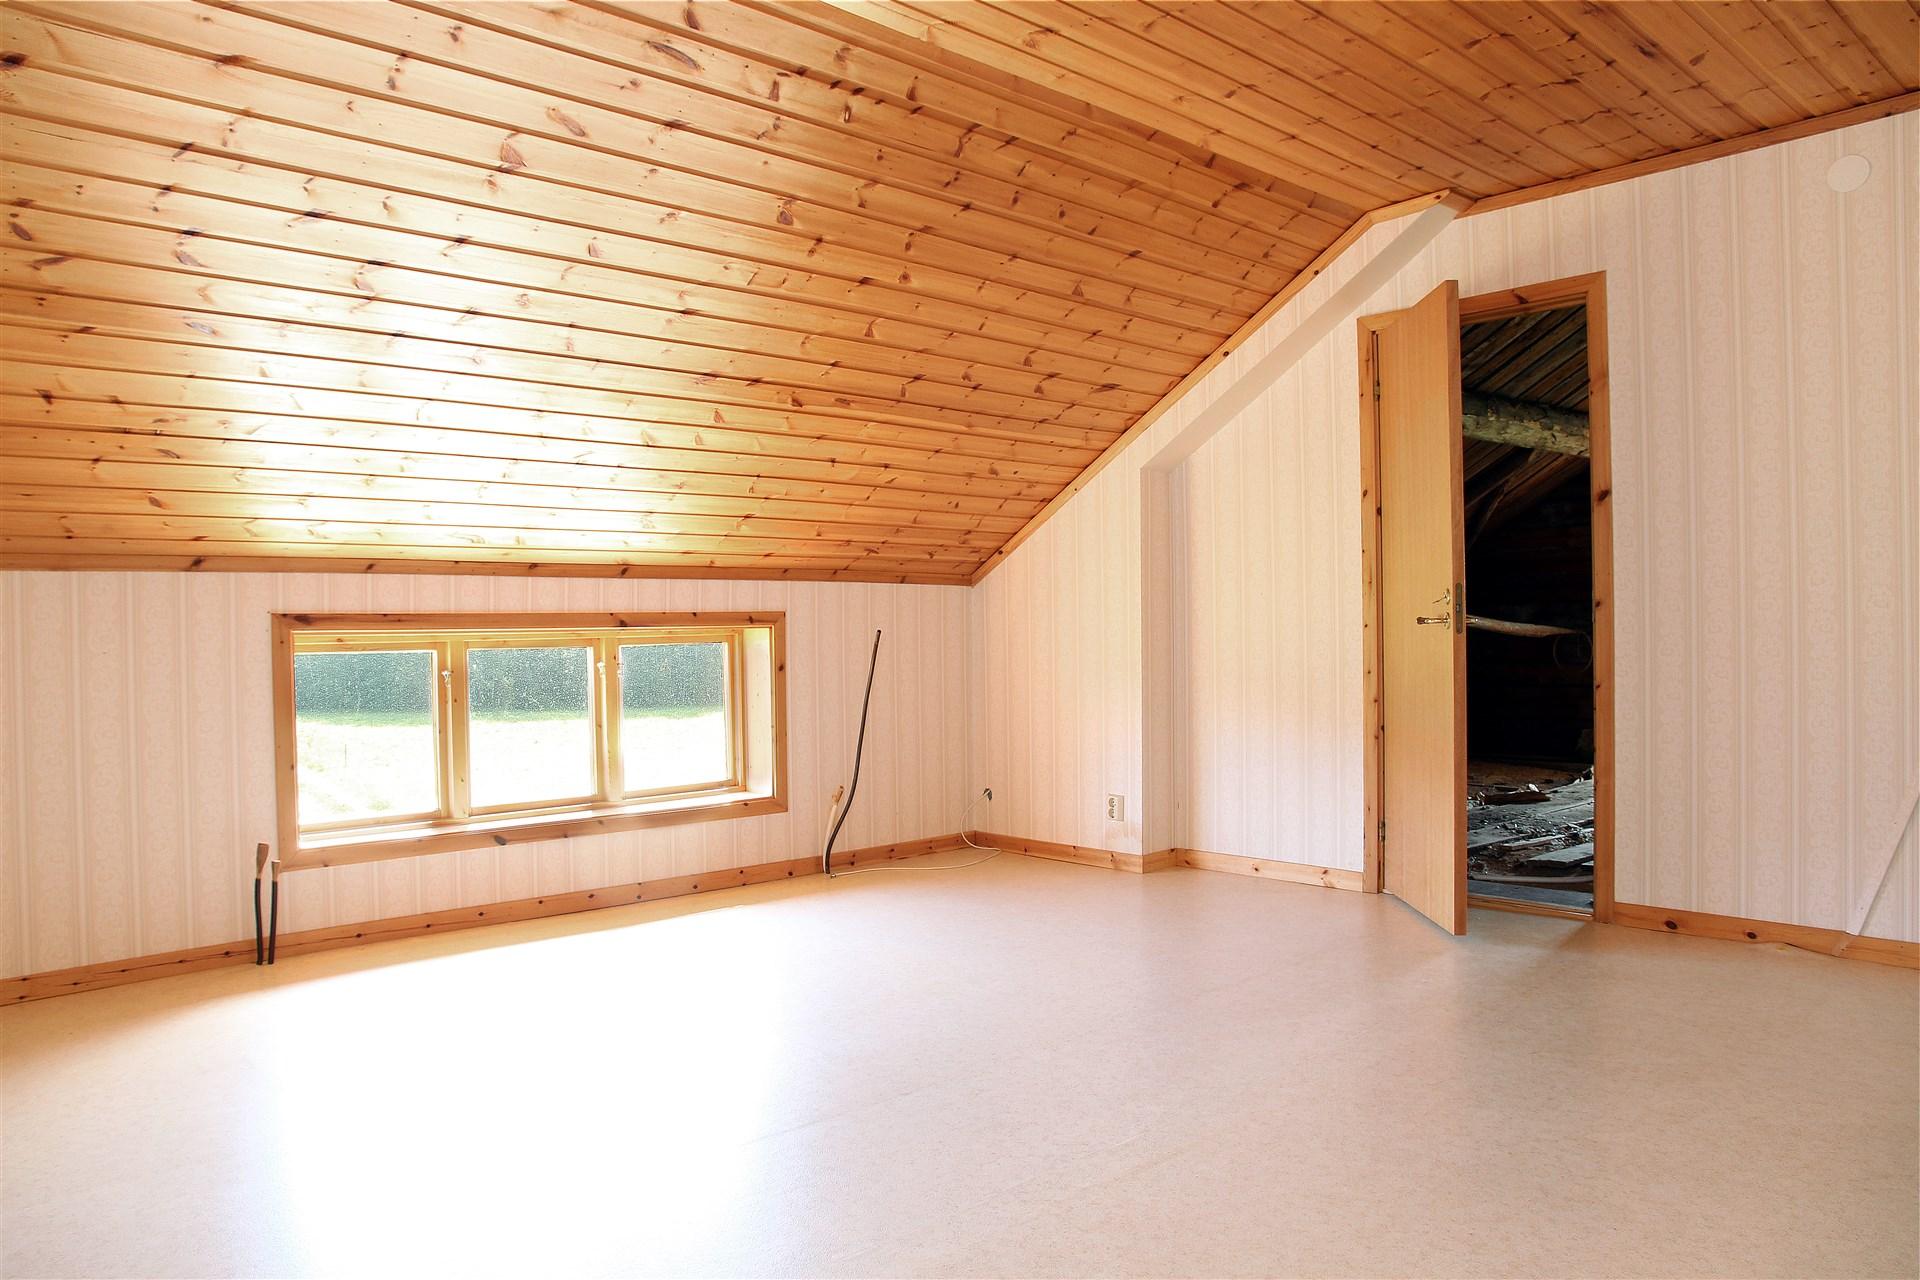 Sovrum med dörr till oinrett rum